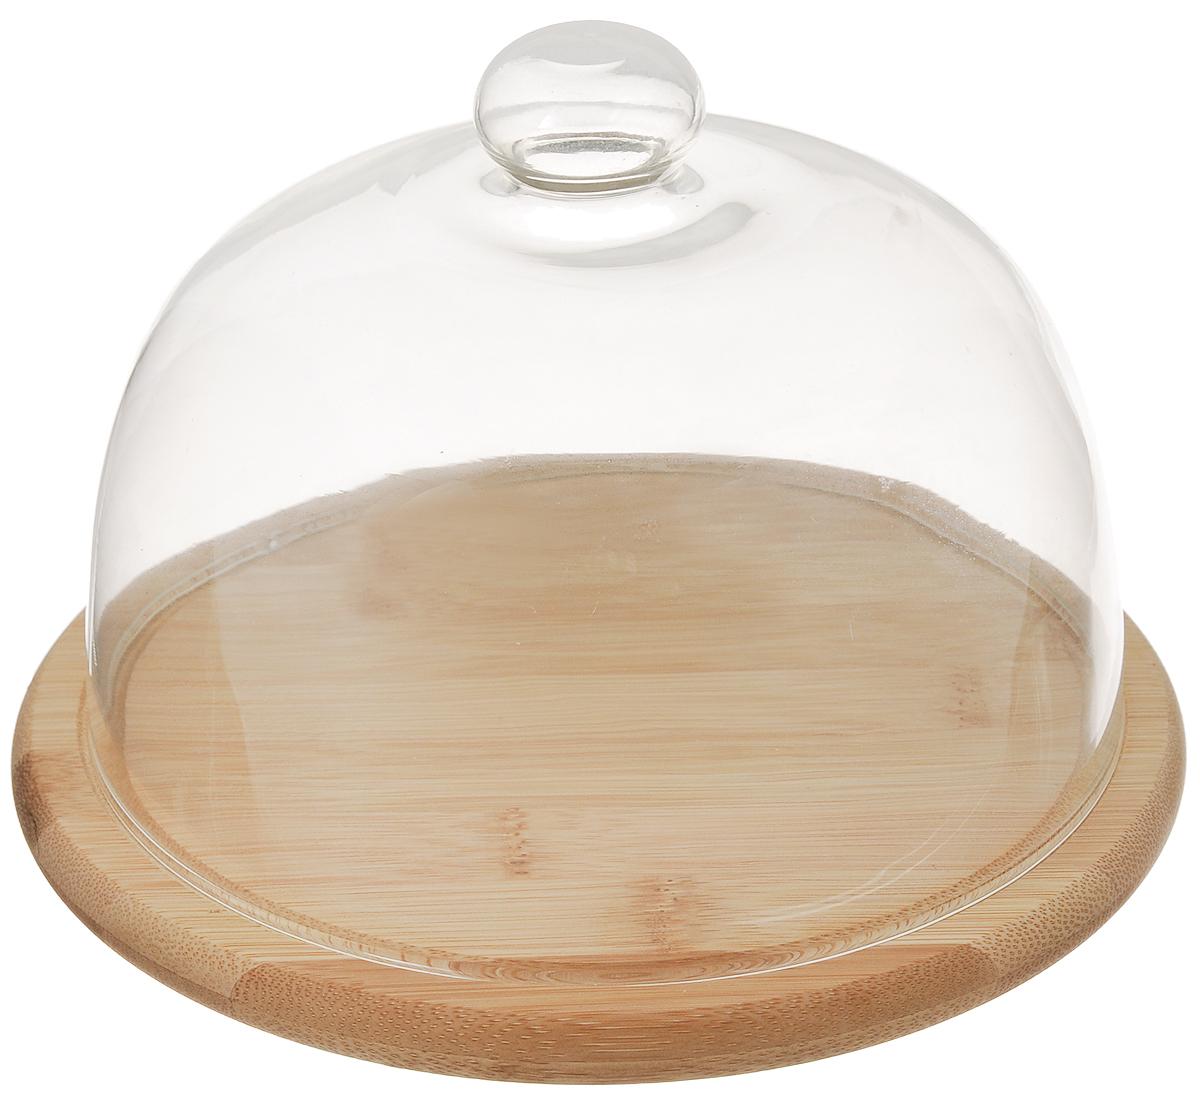 Сырница Mayer & Boch, диаметр 20 см507465Сырница Mayer & Boch состоит из подноса и прозрачной стеклянной крышки. Она предназначена для удобного хранения и красивой сервировки различных сортов сыра, а также других продуктов.Поднос изготовлен из бамбука и имеет специальные выемки, благодаря которым крышка на него легко устанавливается. Он может использоваться как для хранения и сервировки сыра, так и для нарезания продуктов. Сырница Mayer & Boch станет незаменимым помощником на вашей кухне.Диаметр подноса: 20 см.Высота подноса: 1,5 см.Диаметр крышки: 18 см.Высоты крышки: 13 см.